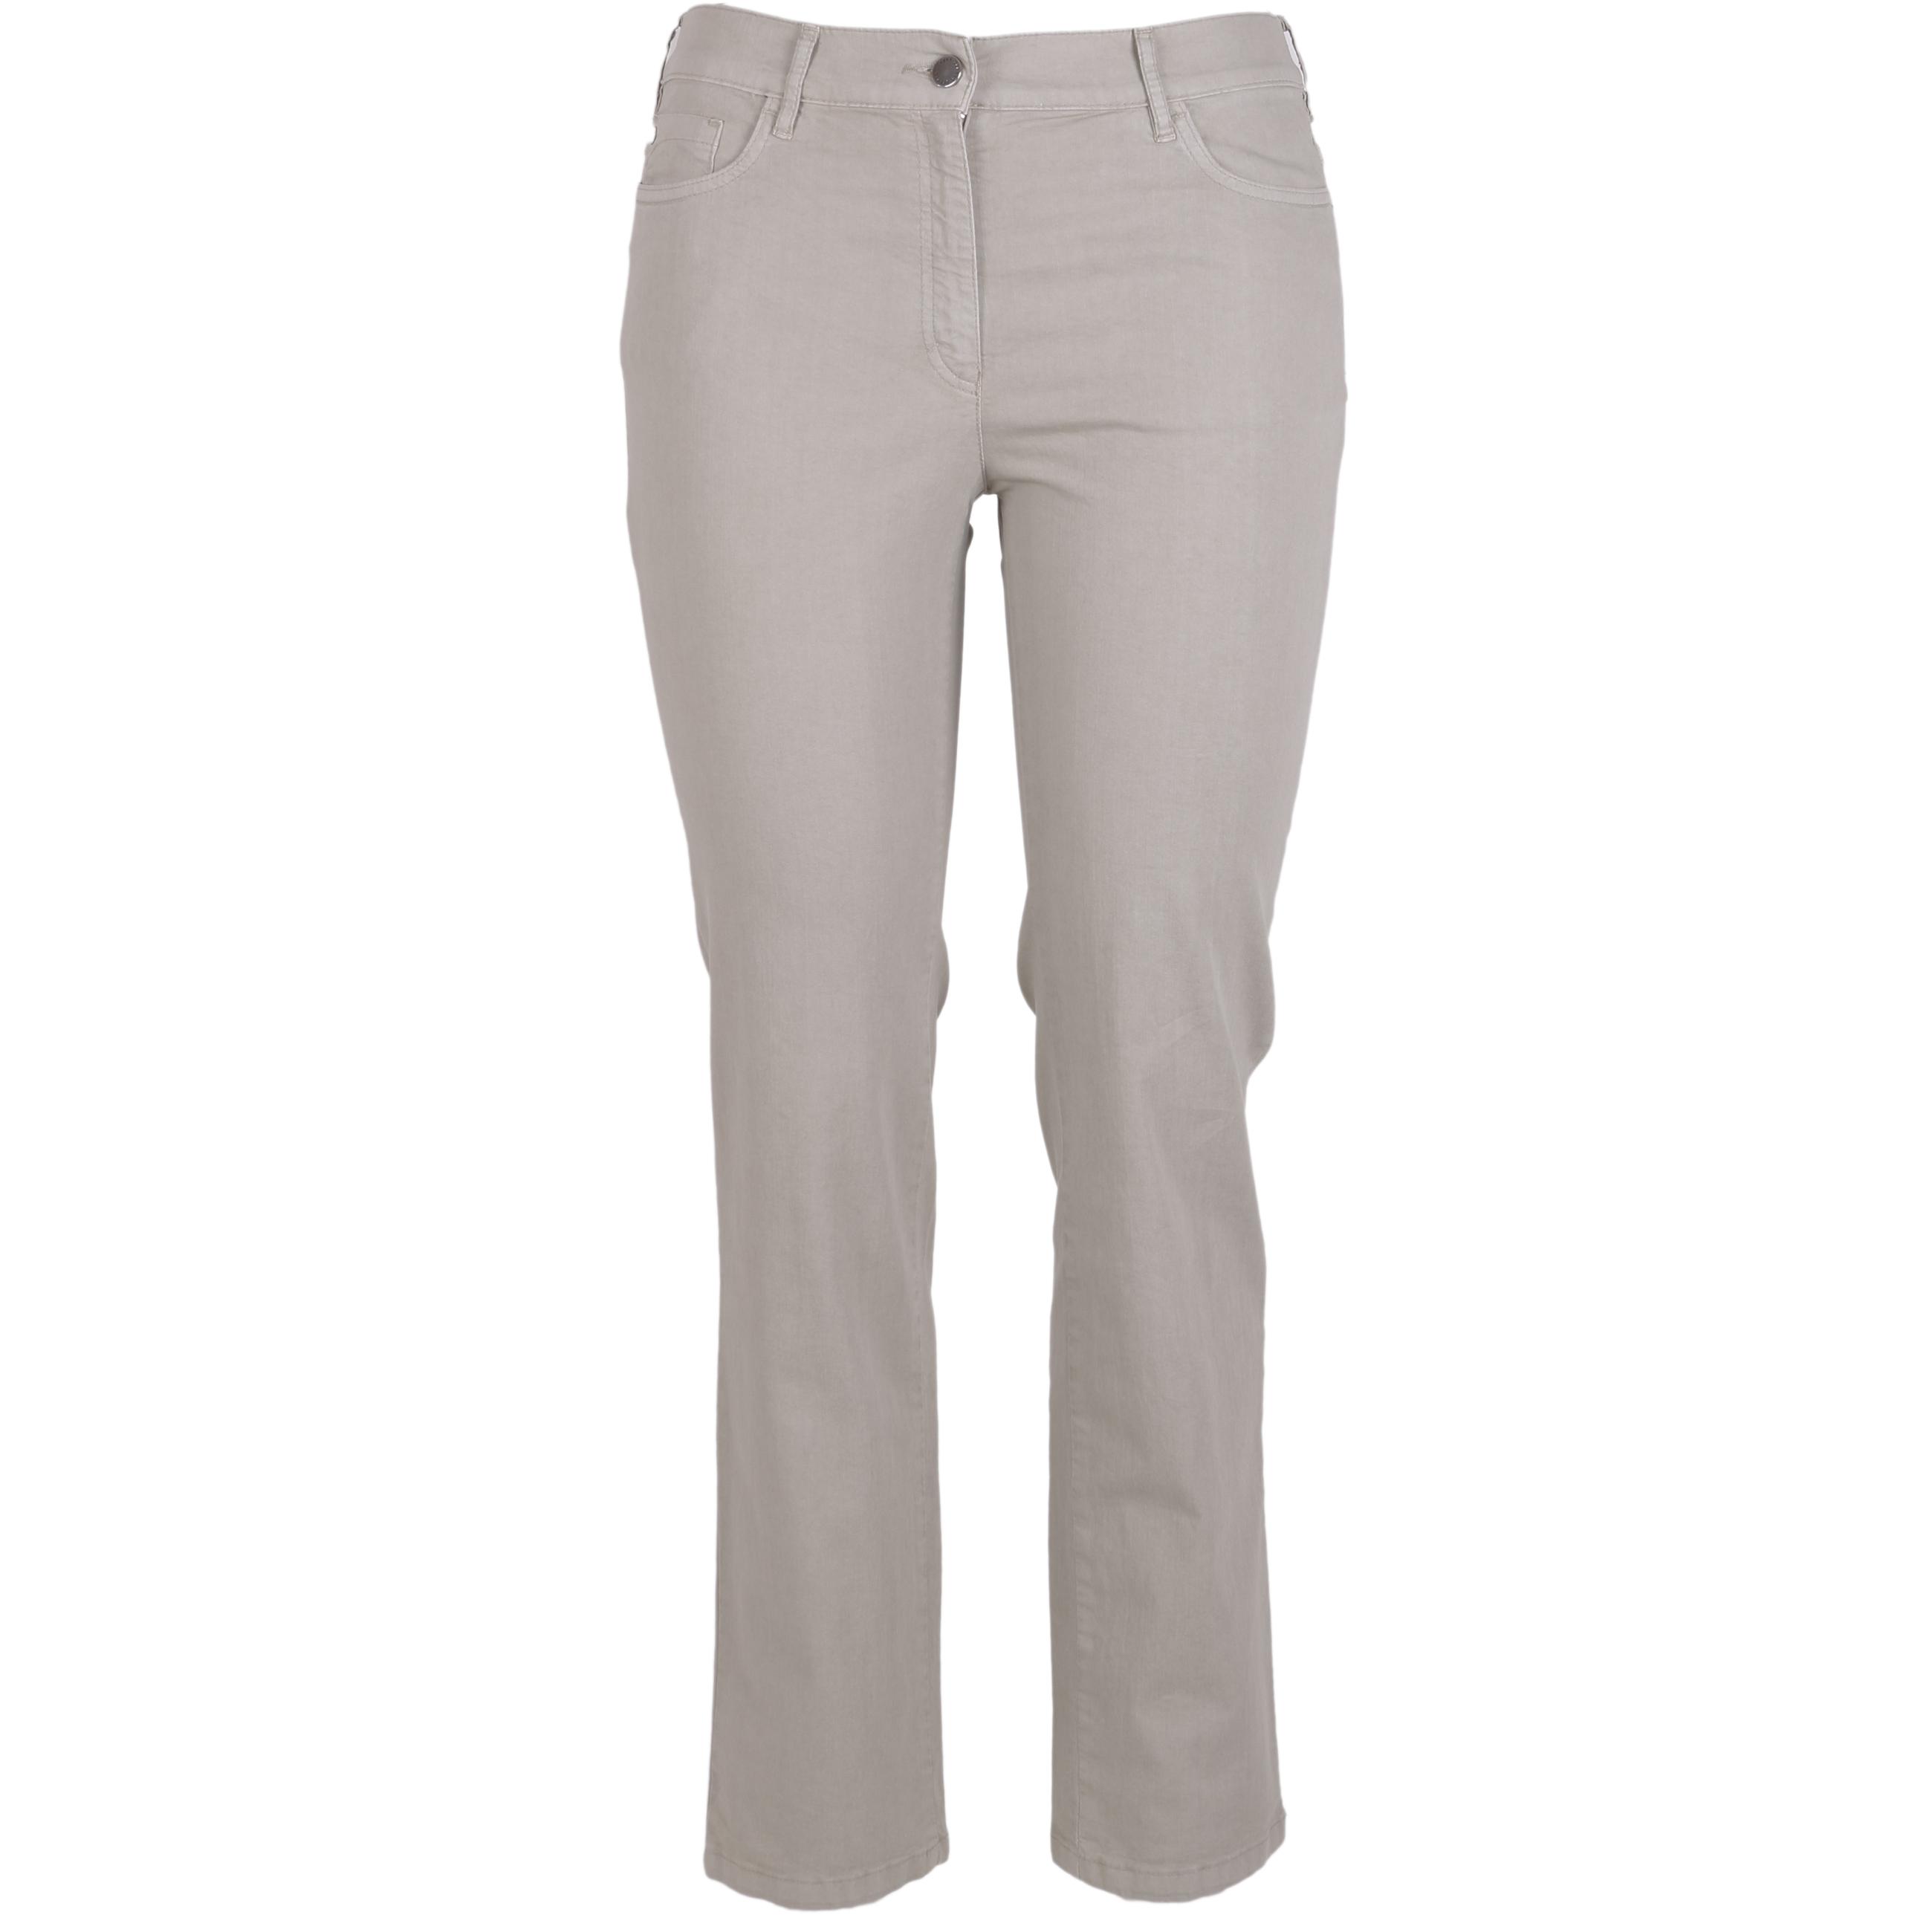 Zerres Damen Jeans Greta sommerliche Qualität - khaki 21